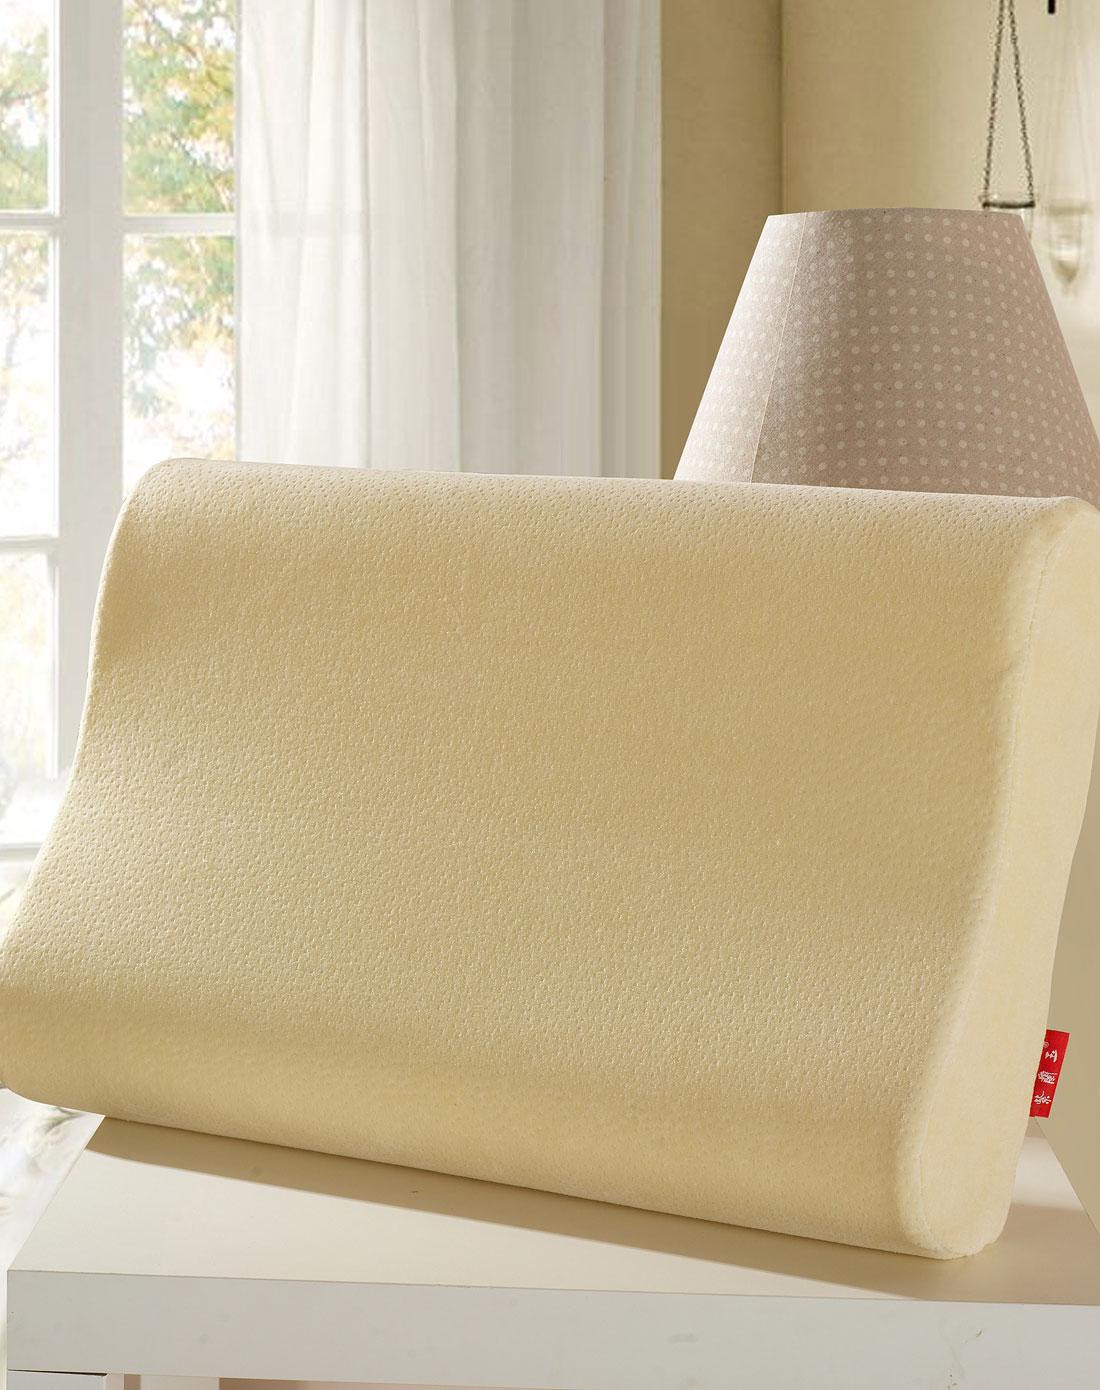 慢回弹太空棉的成分是什么 康维尔 记忆枕 慢回弹 颈椎保健枕图片